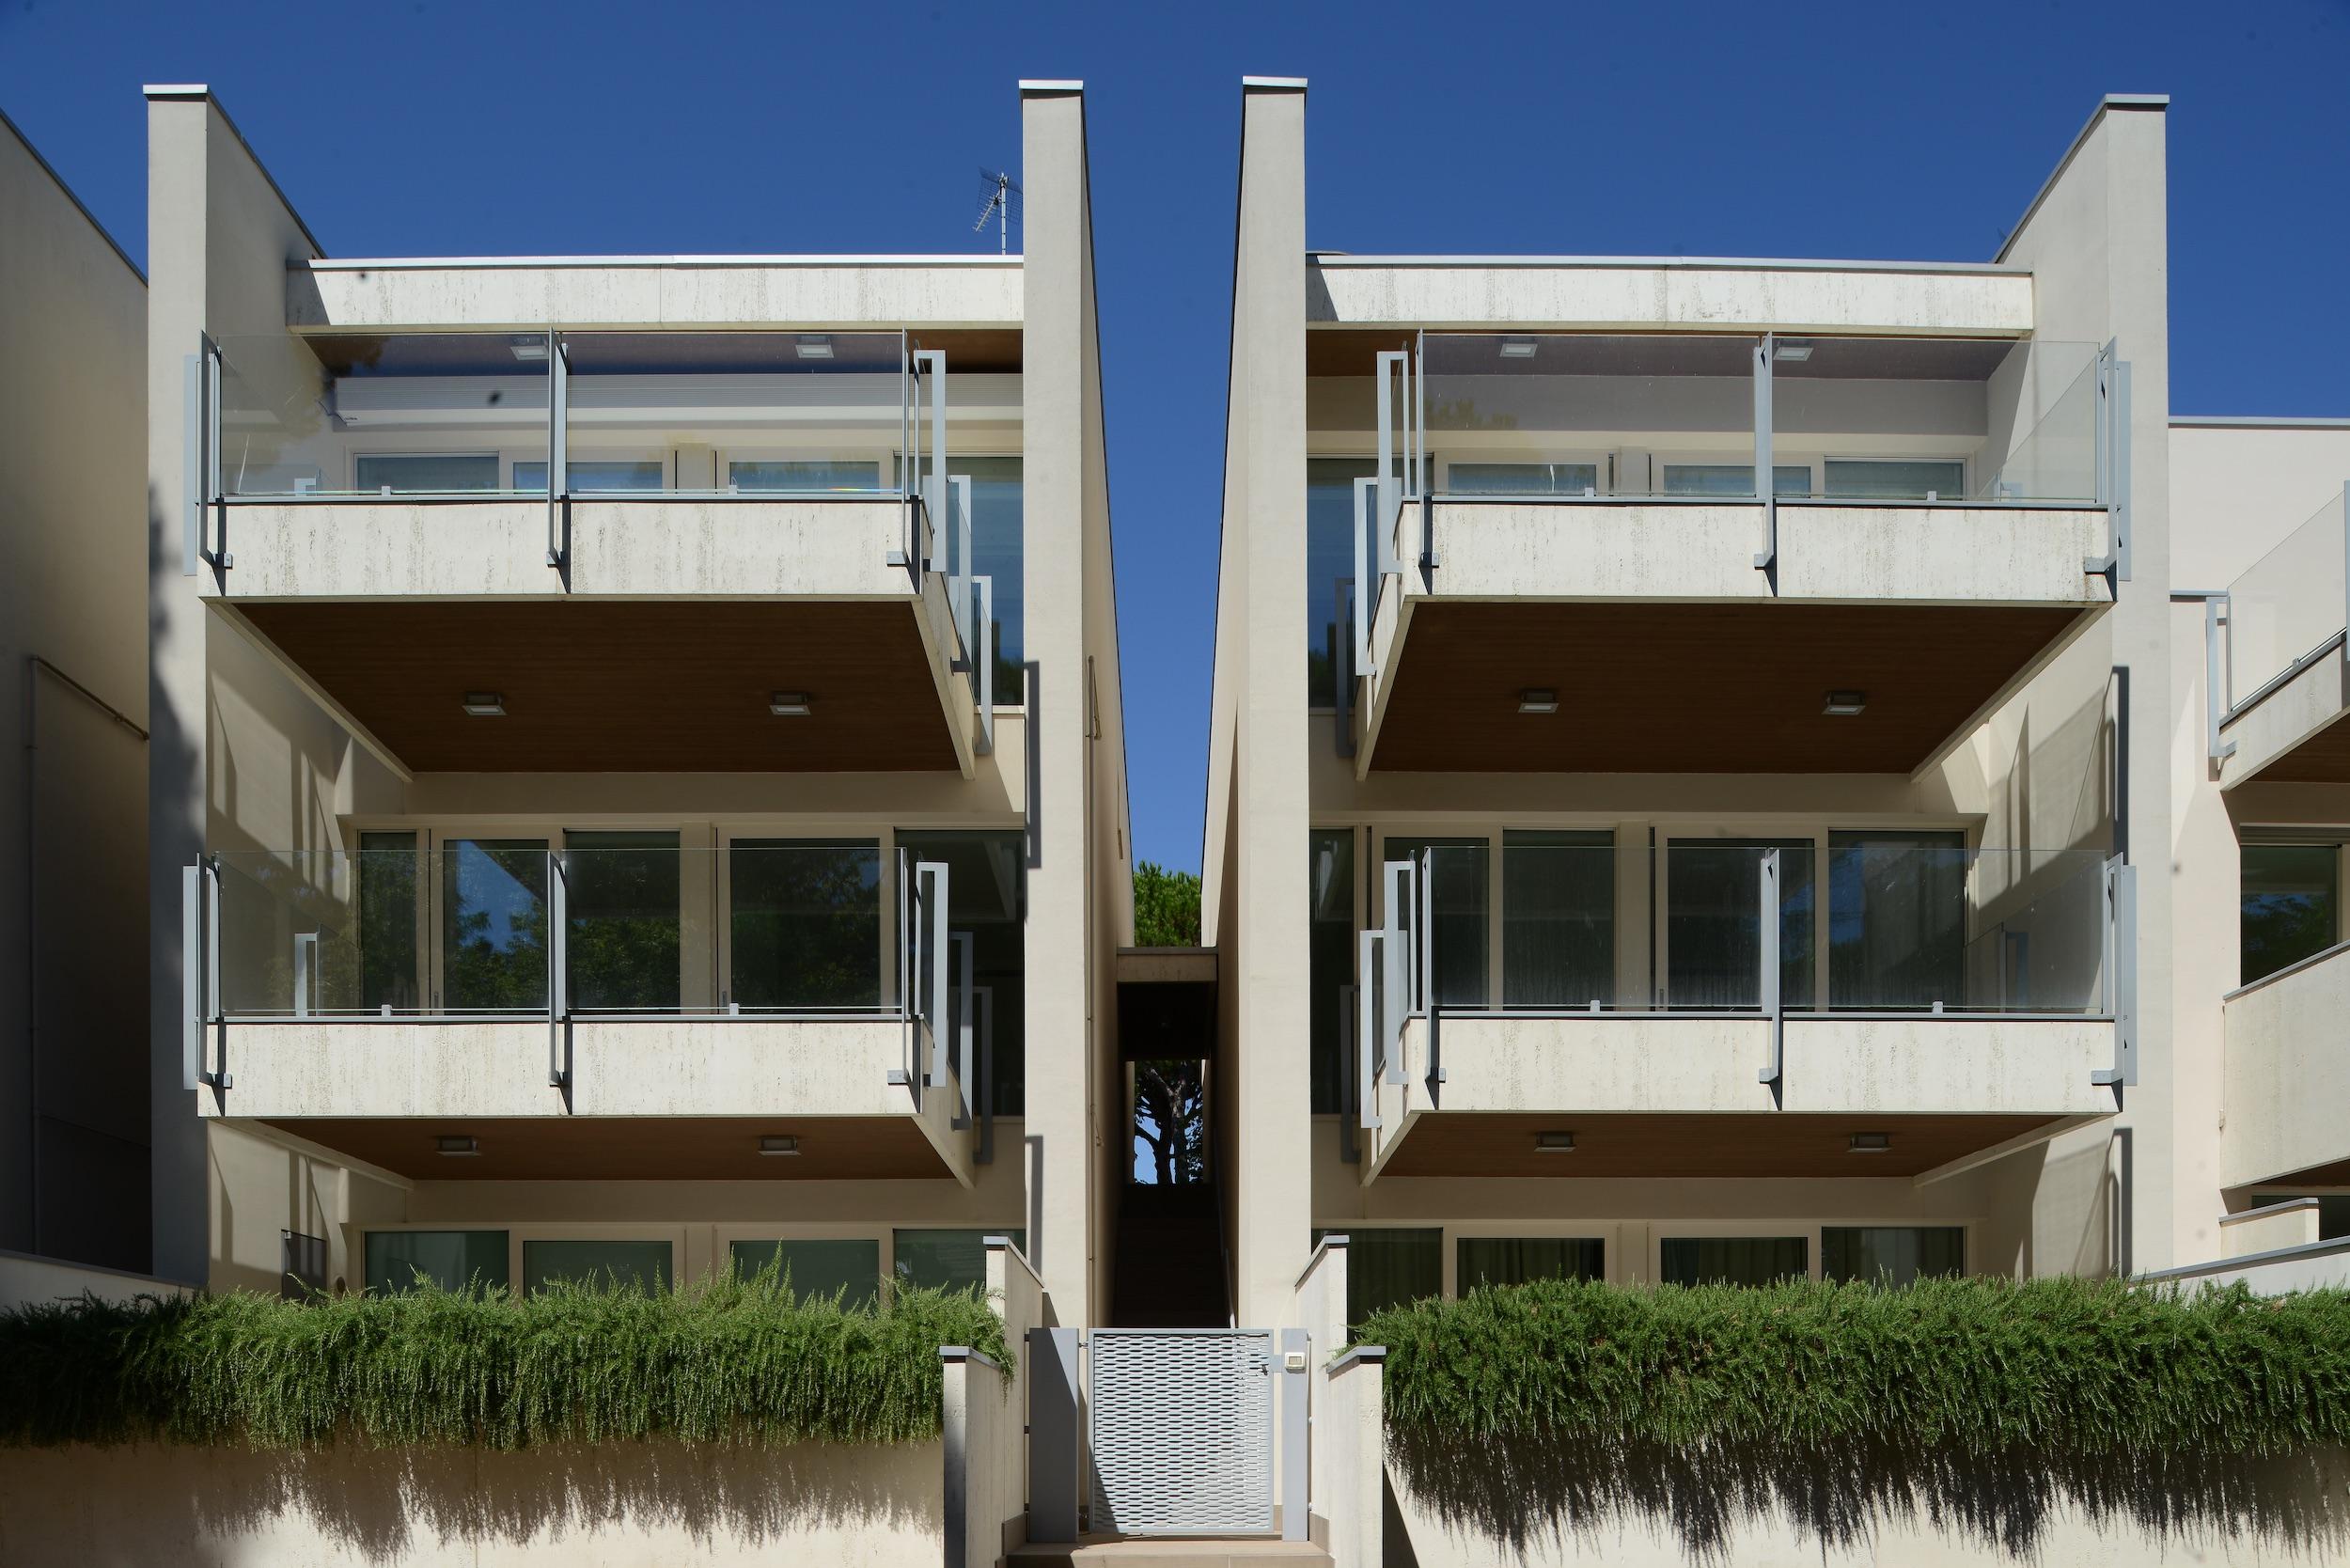 4318 Studio Bacchi Architetti MiMa